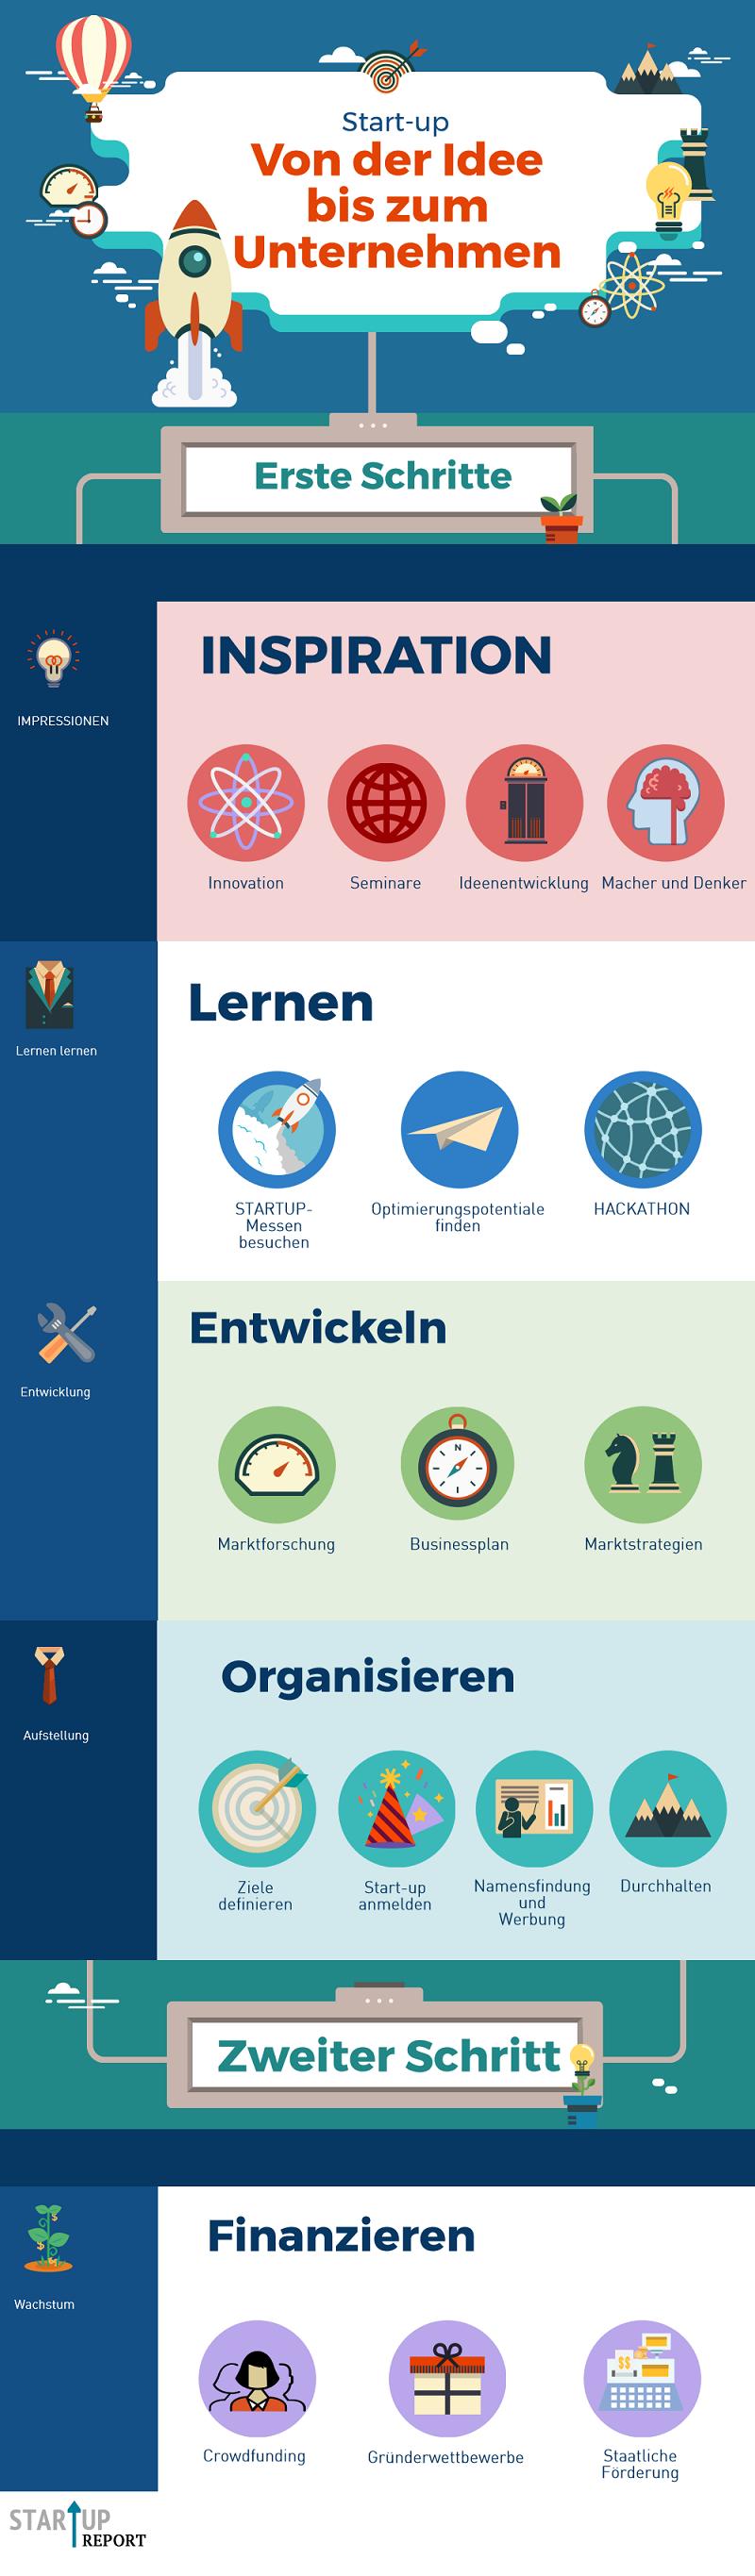 In Deutschland gibt es viele Möglichkeiten für Start-ups, an Startgelder zu gelangen. Doch bis zur Finanzierung ist es ein weiter Weg. Bildquelle: startup-report.de